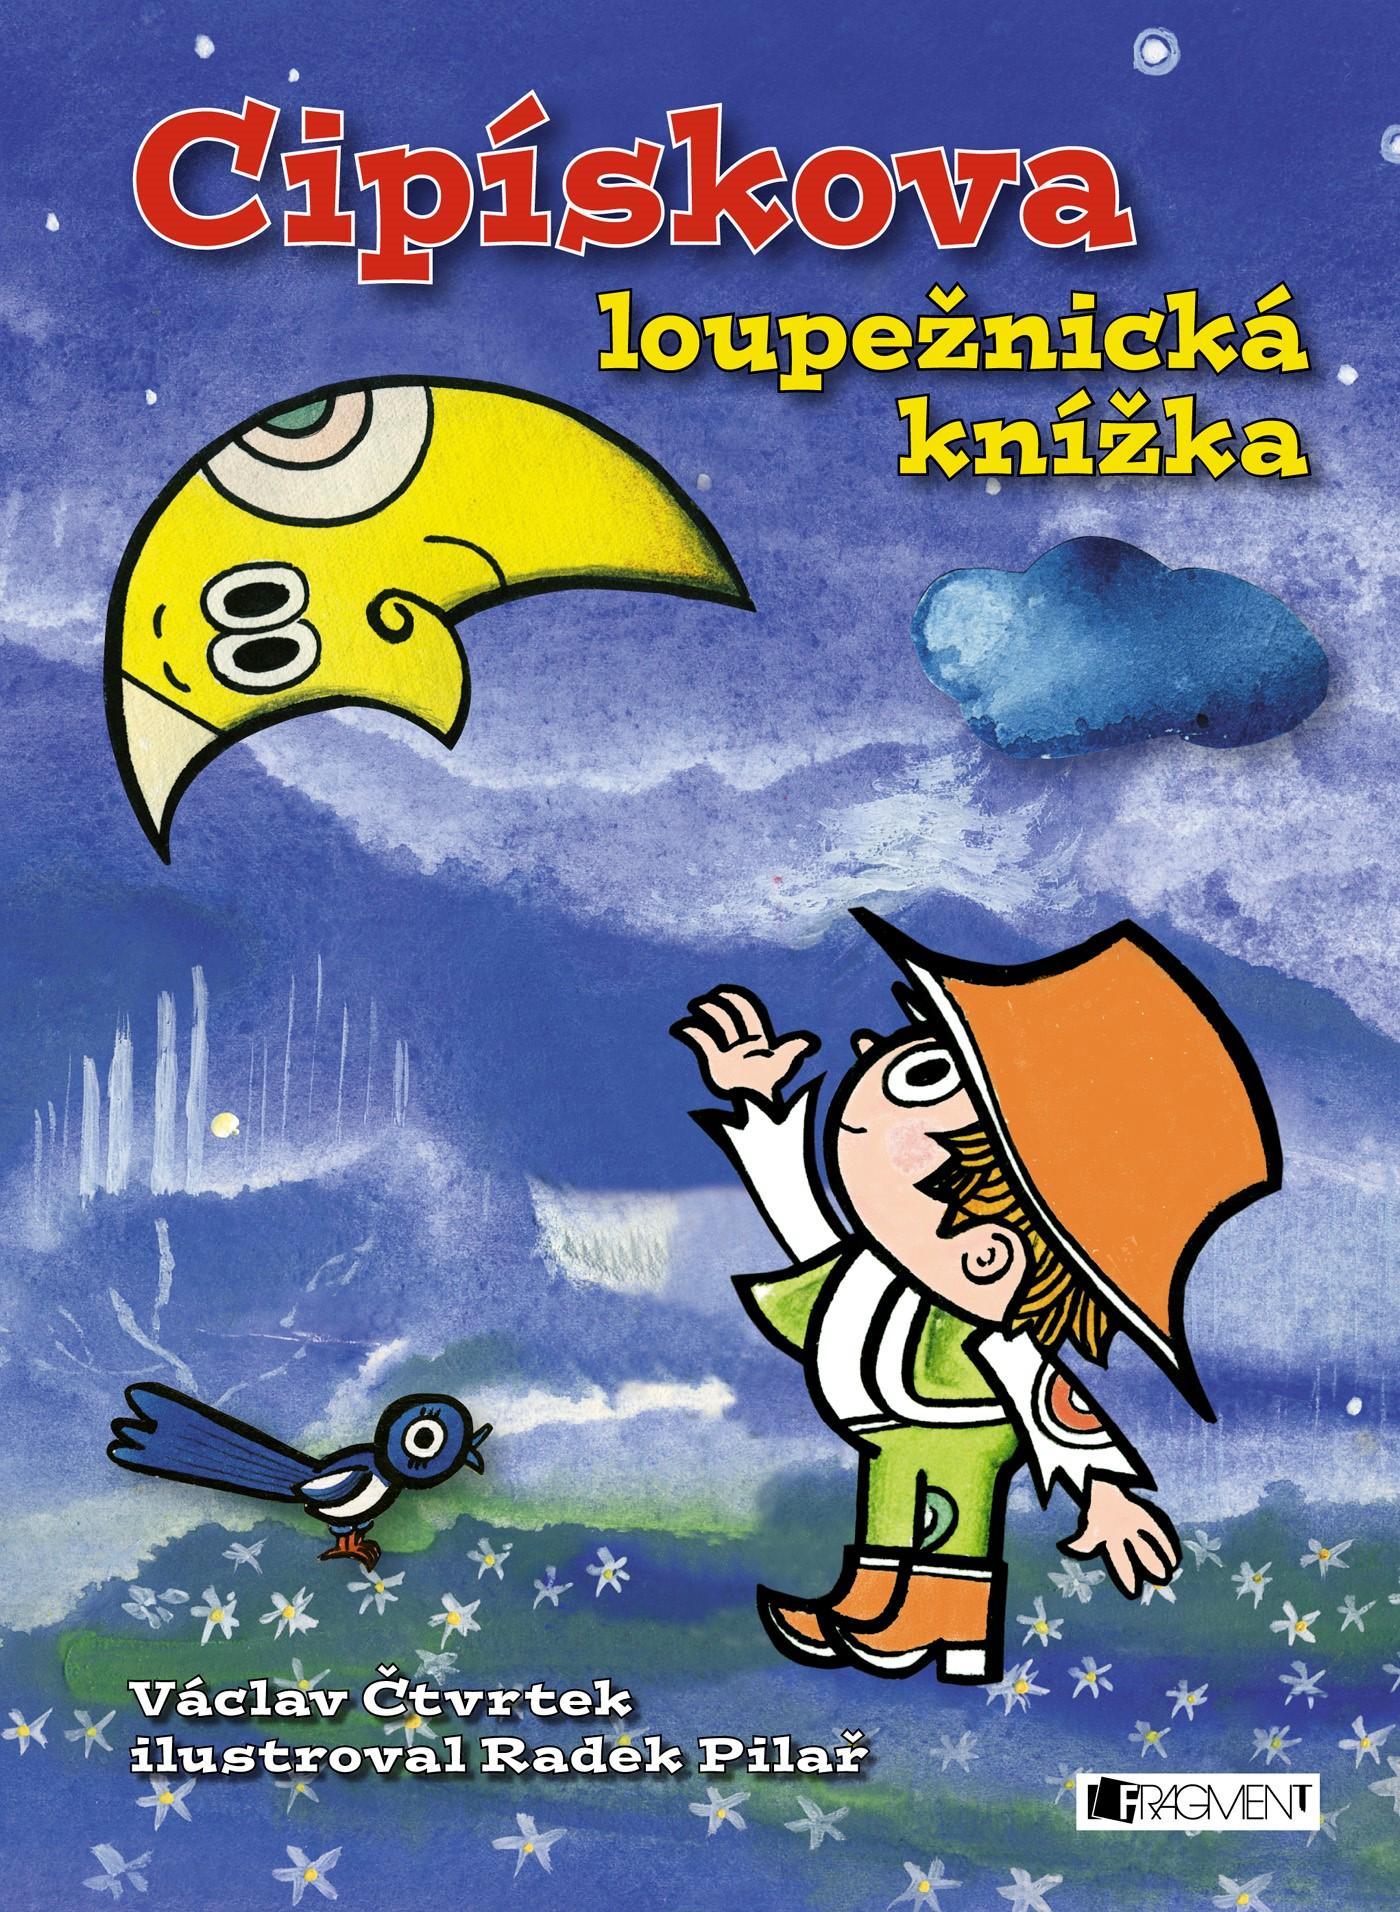 Cipískova loupežnická knížka | Václav Čtvrtek, Radek Pilař